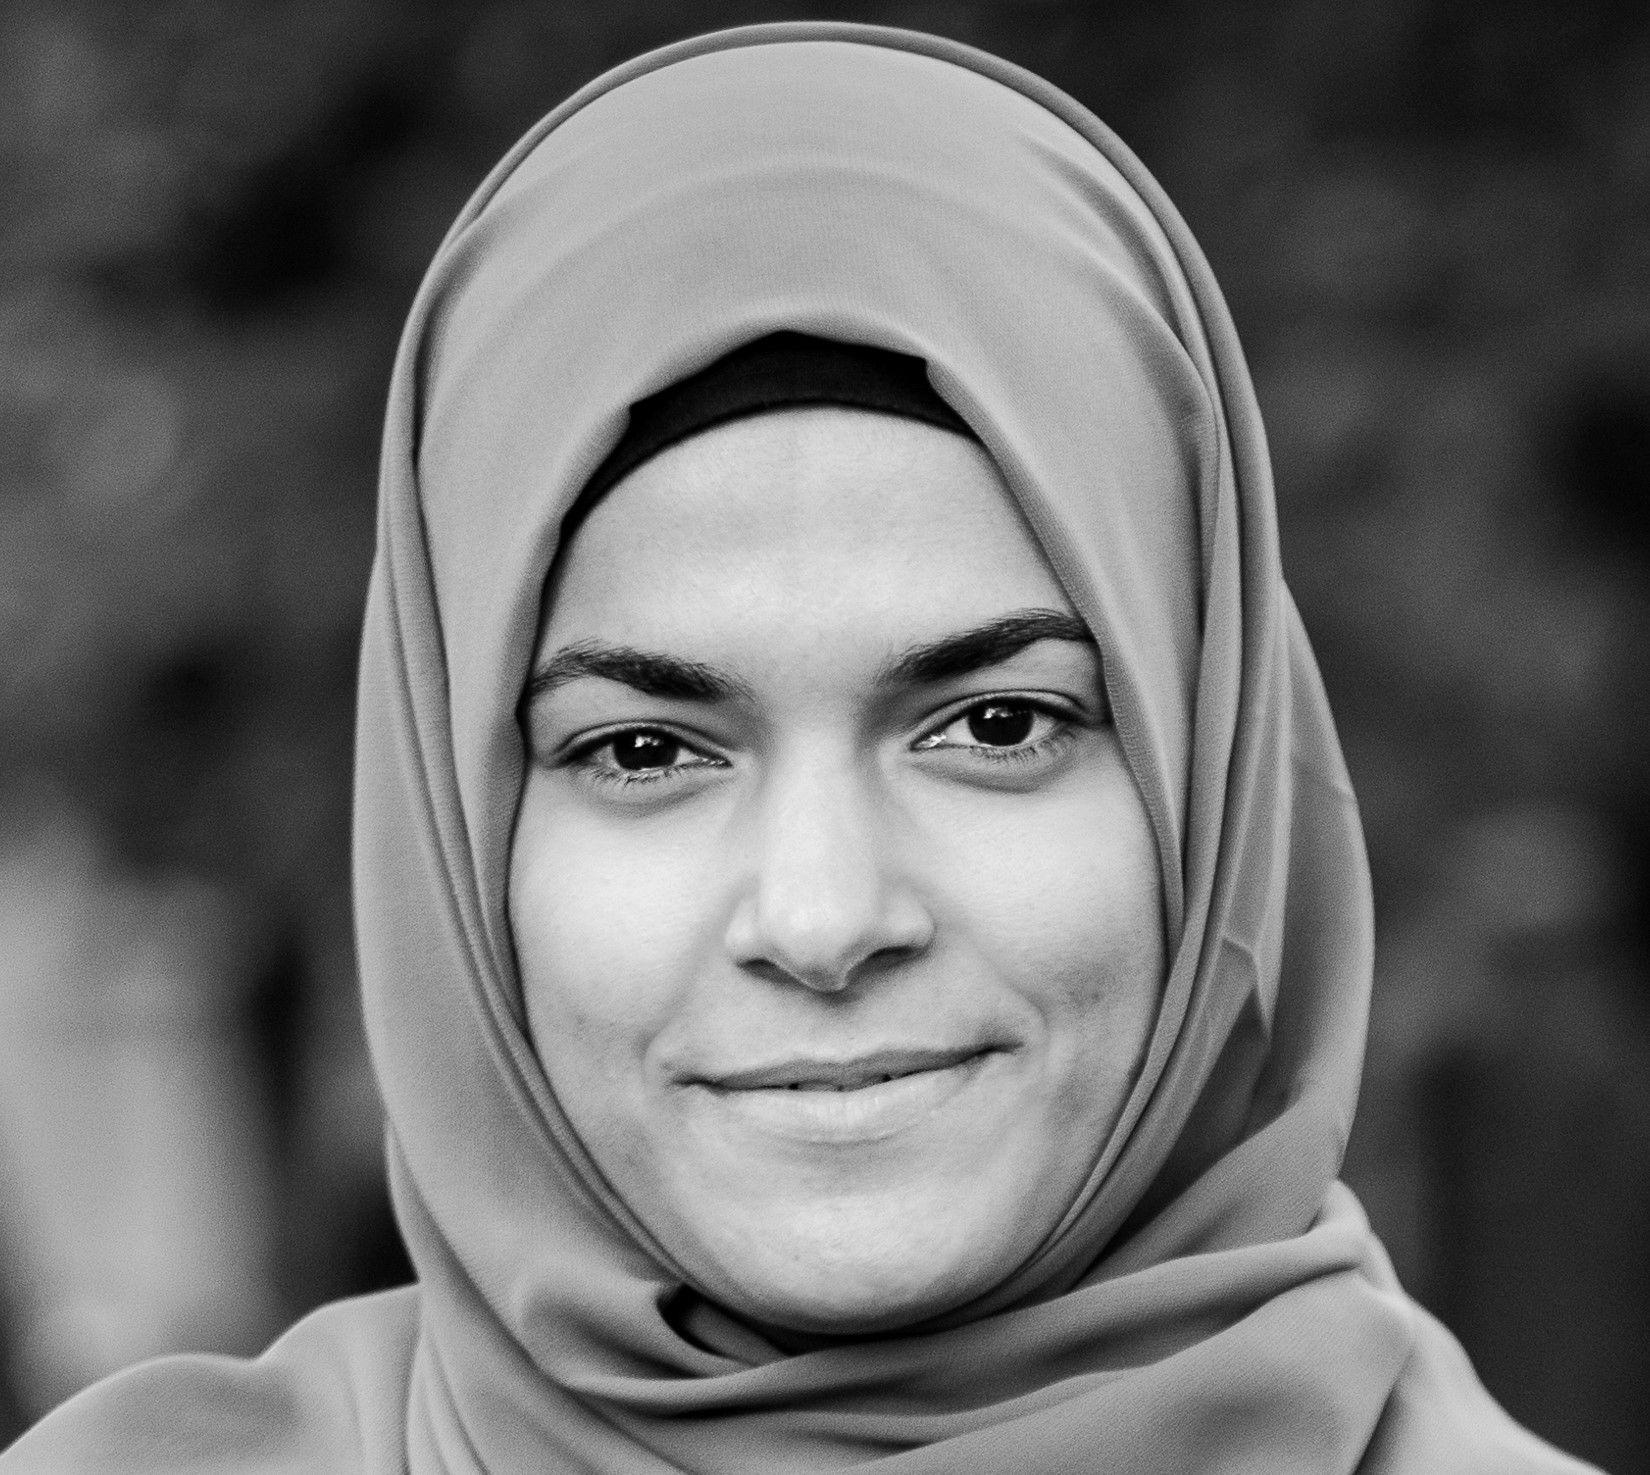 Zeineb Alsabeehg